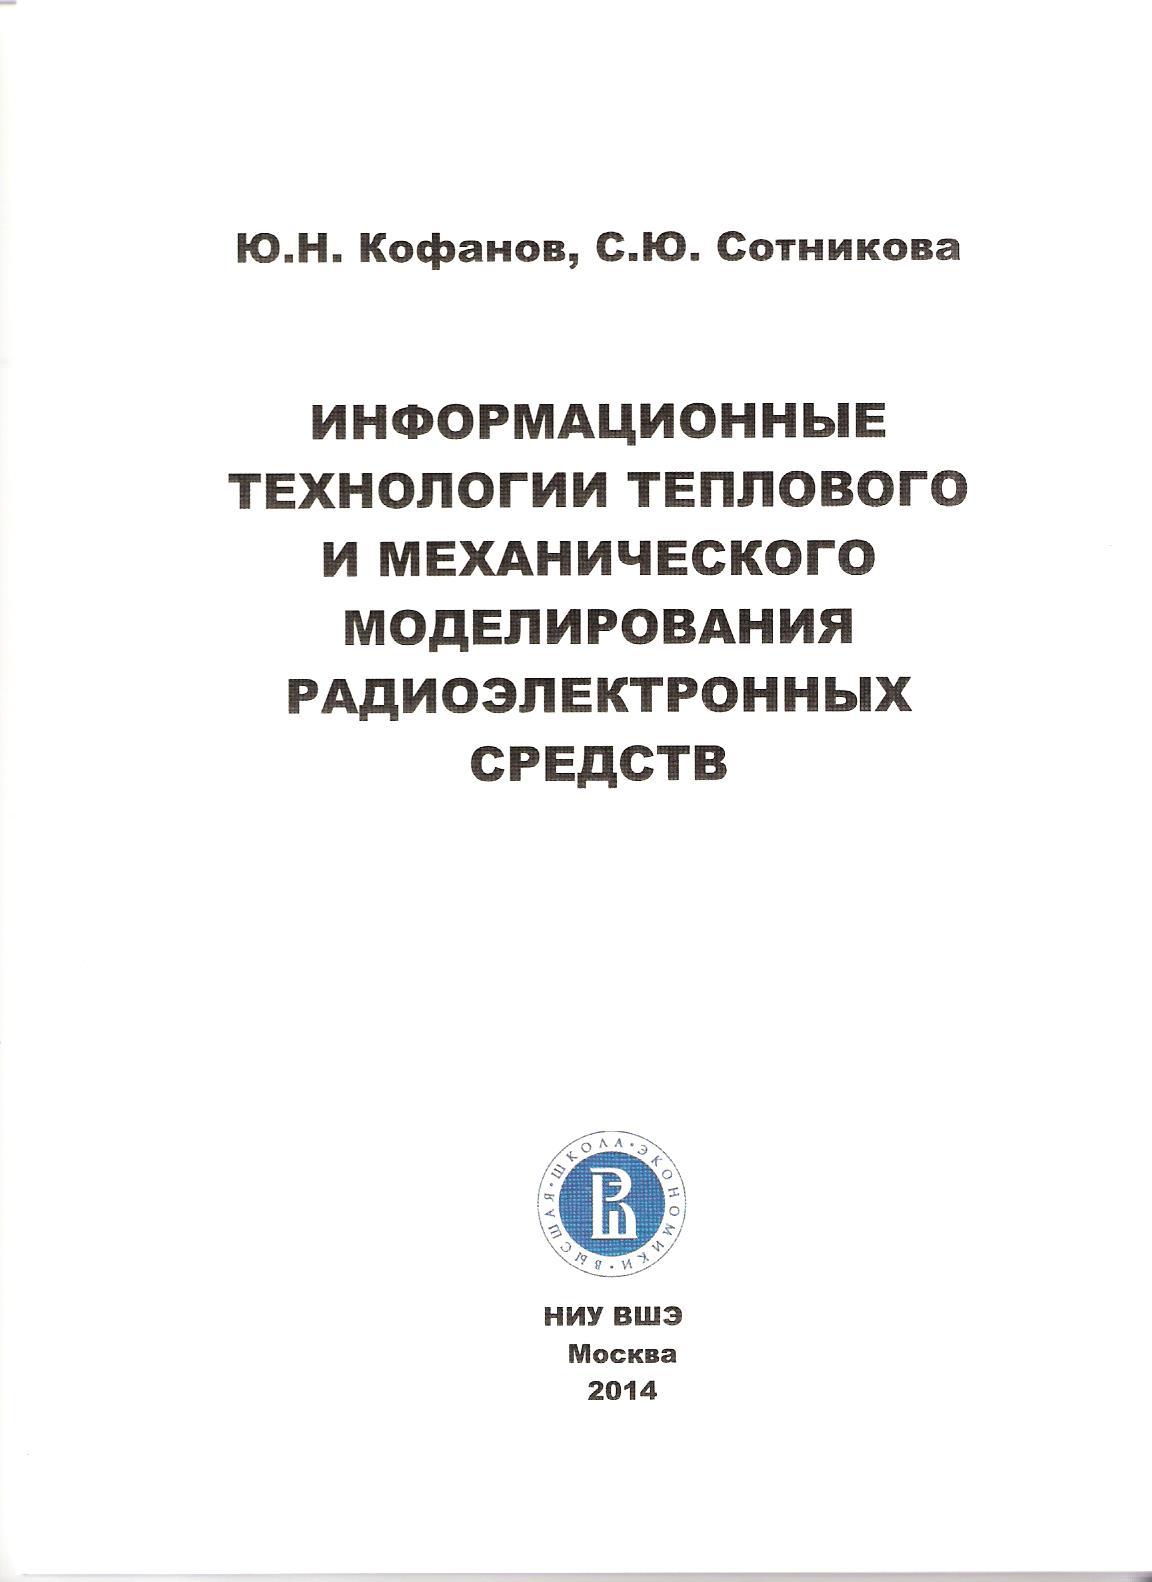 Информационные технологии теплового и механического моделирования радиоэлектронных средств